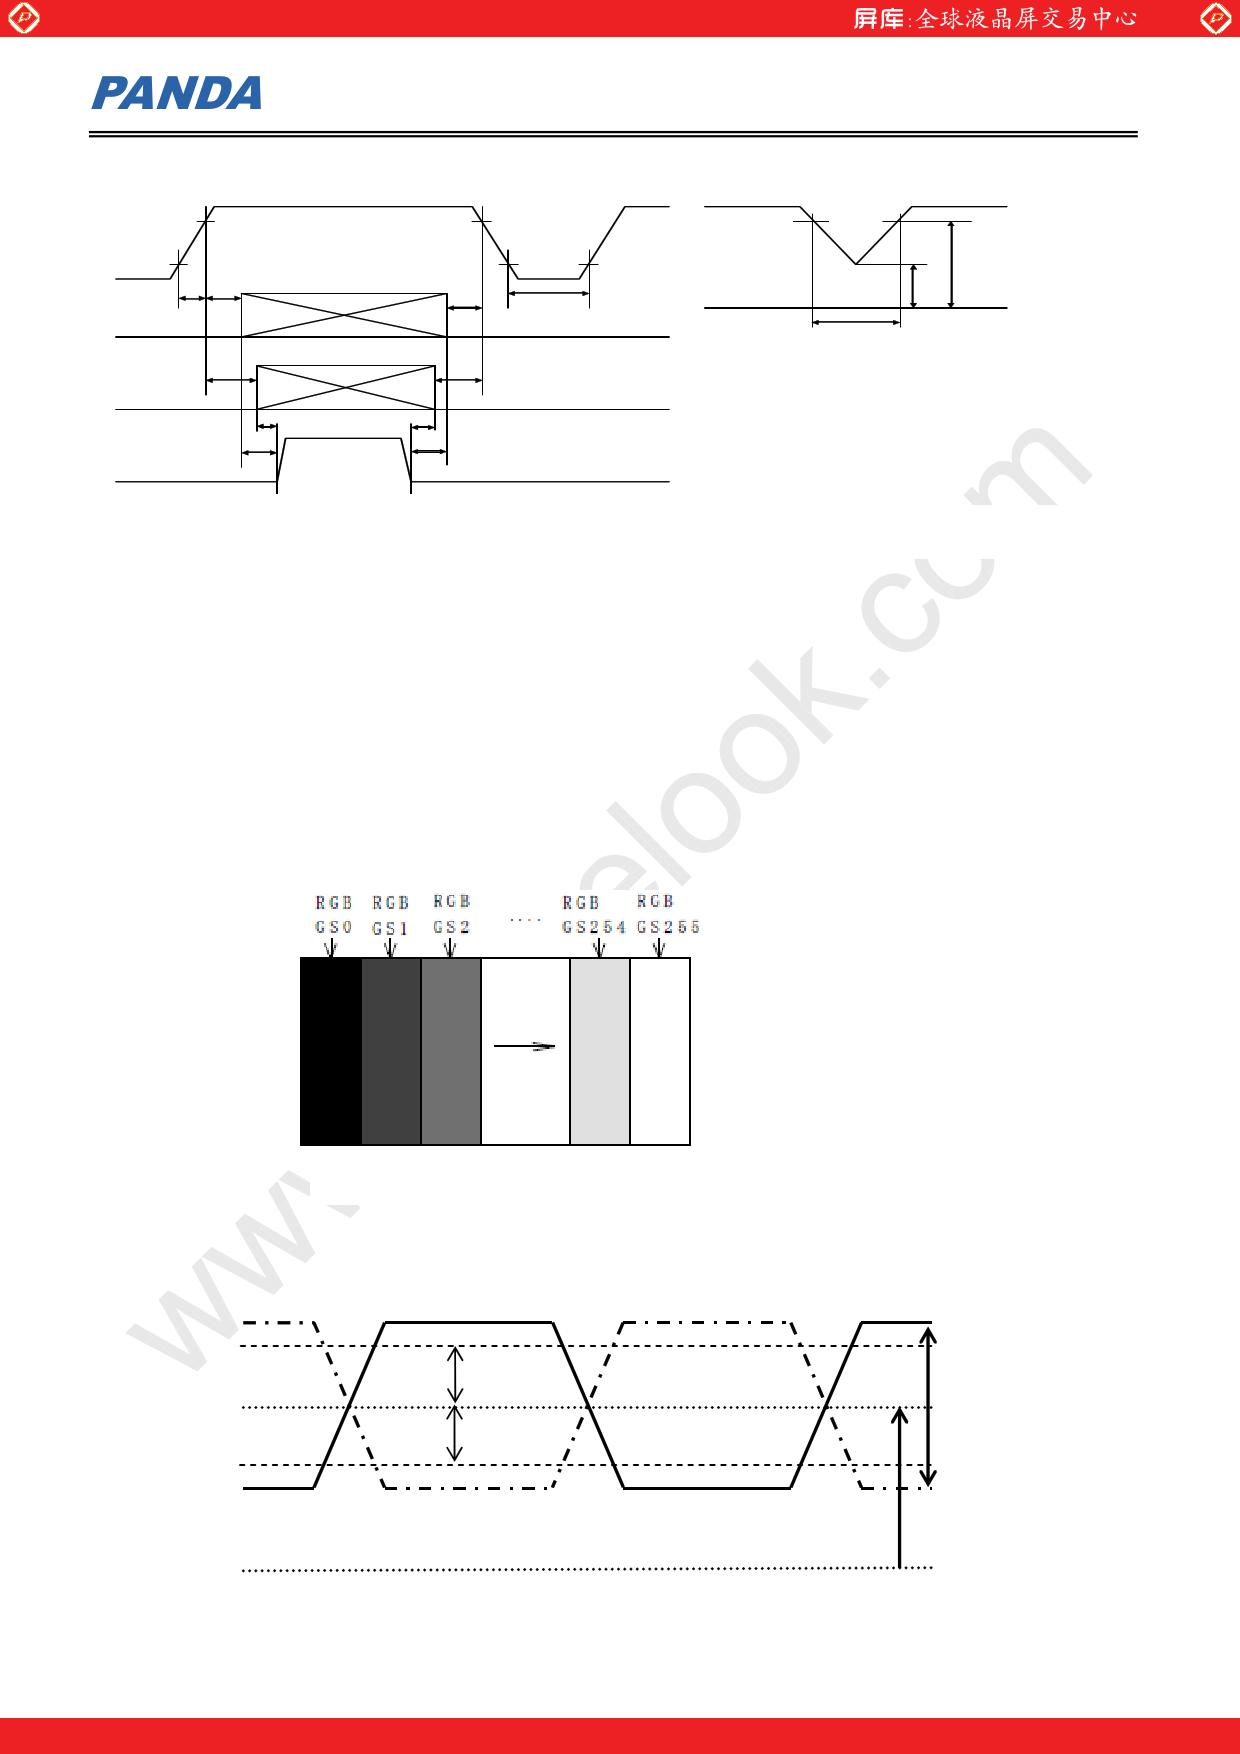 LC315TU4A arduino